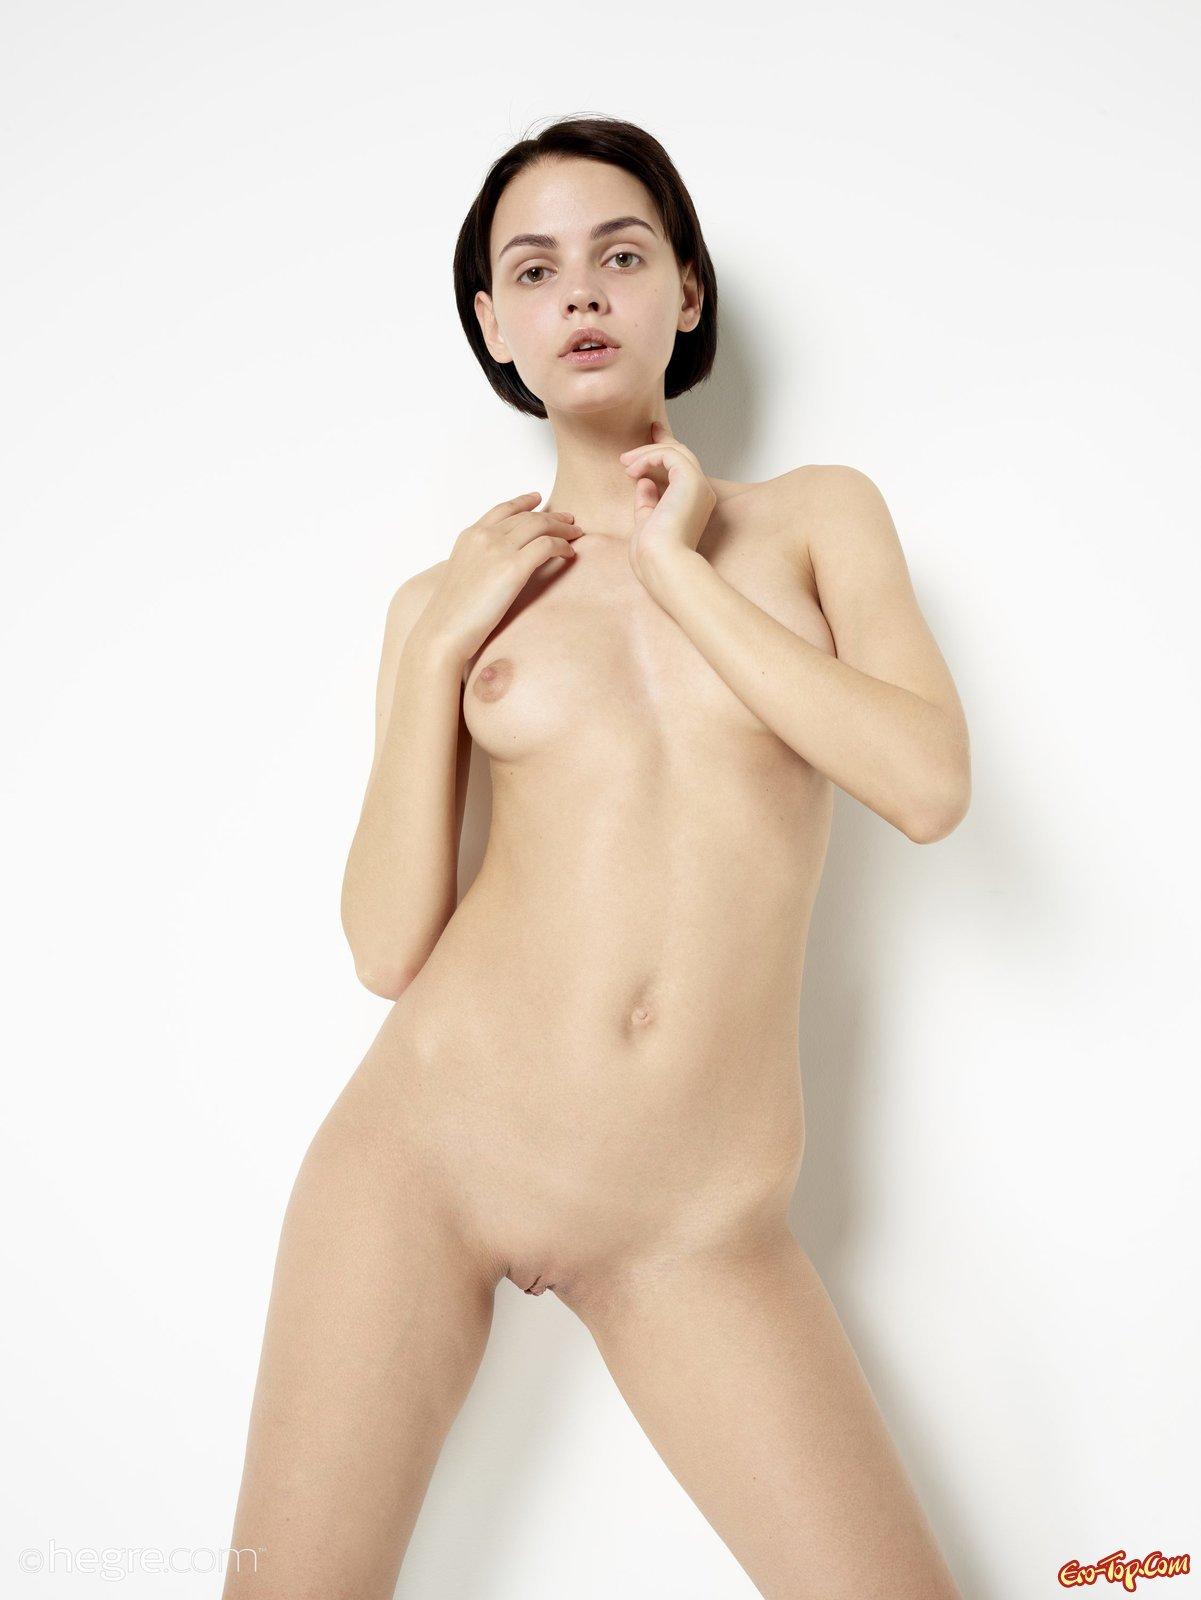 Обнаженная деваха с модельной внешностью смотреть эротику